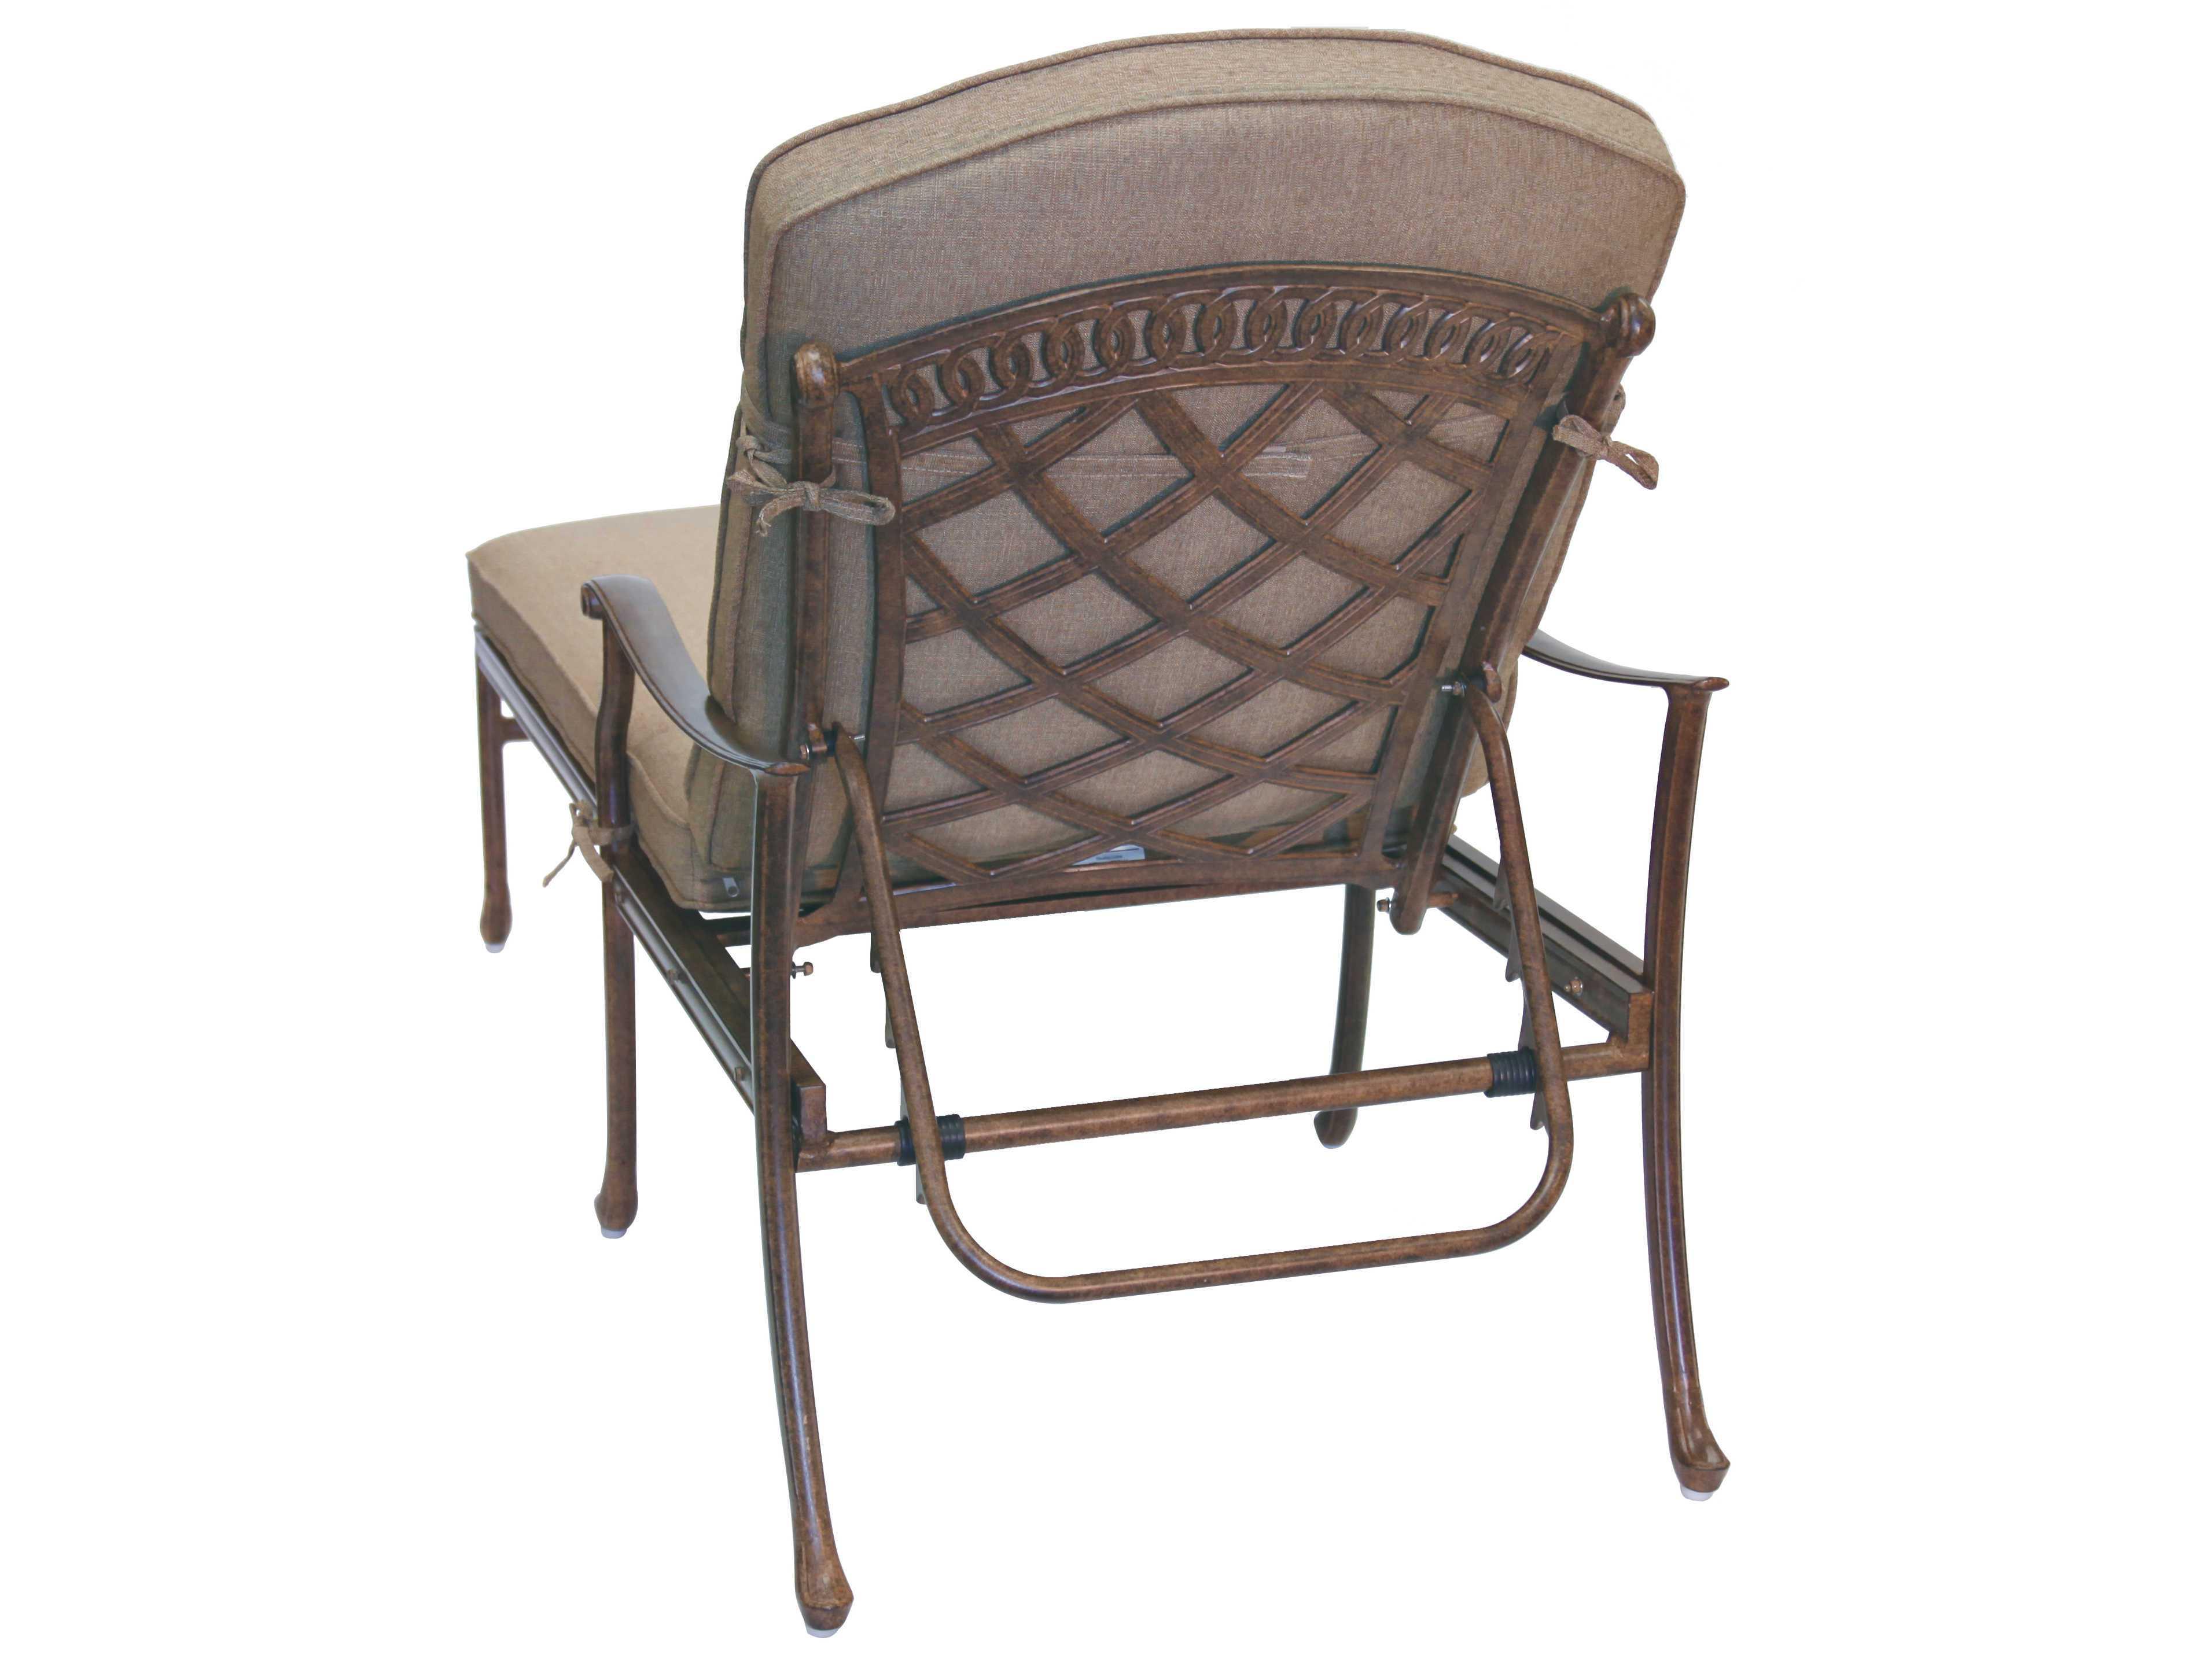 Darlee outdoor living standard sedona cast aluminum chaise for Cast aluminum chaise lounge